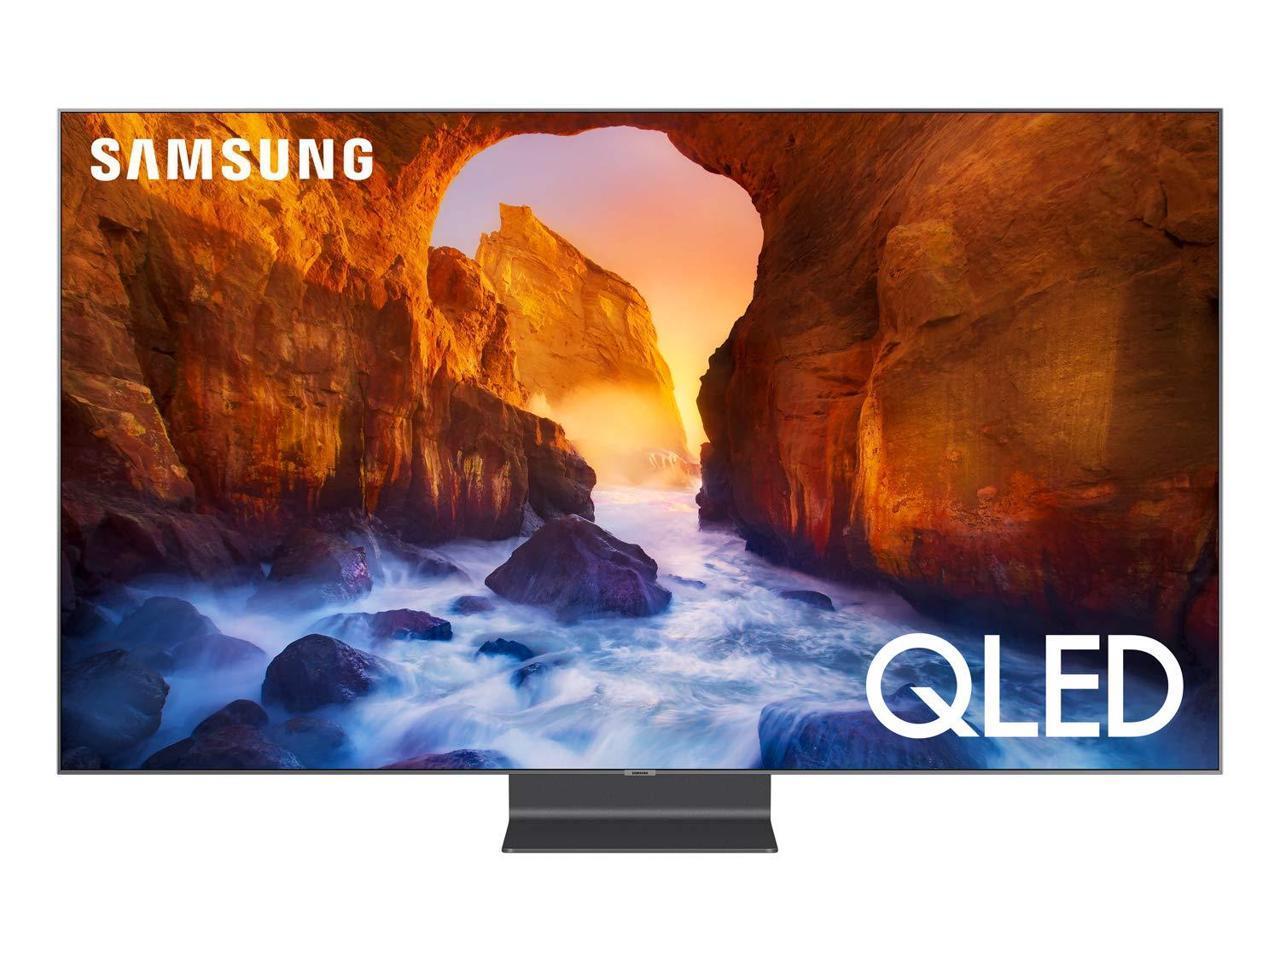 Samsung QN75Q90RAFXZA QLED Smart 4K UHD TV (2019) $2699.00 + Free Shipping